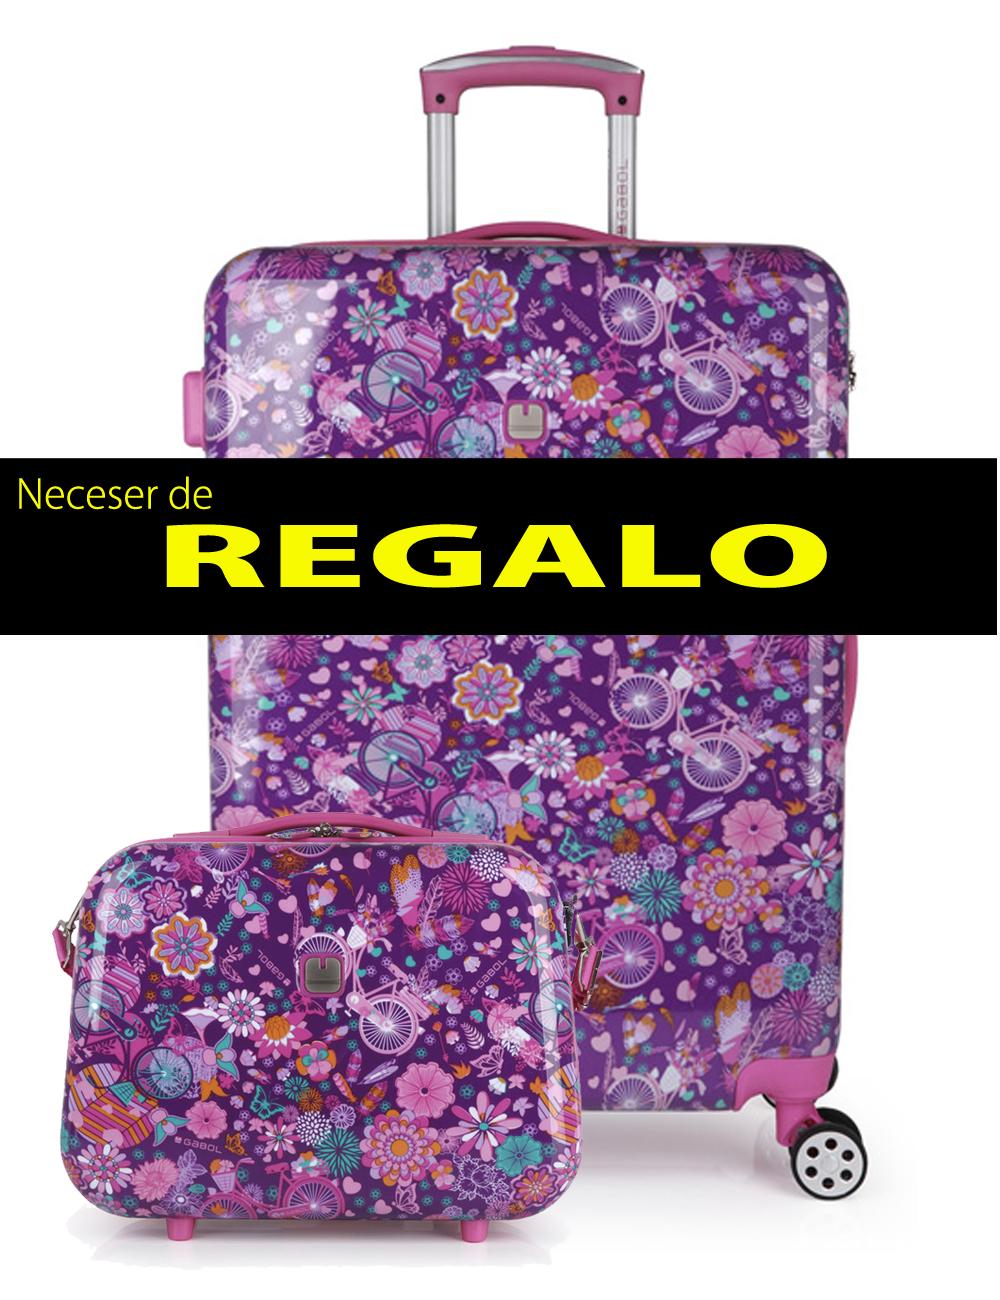 226946 N Maleta Mediana más Neceser de Regalo Gabol Abril